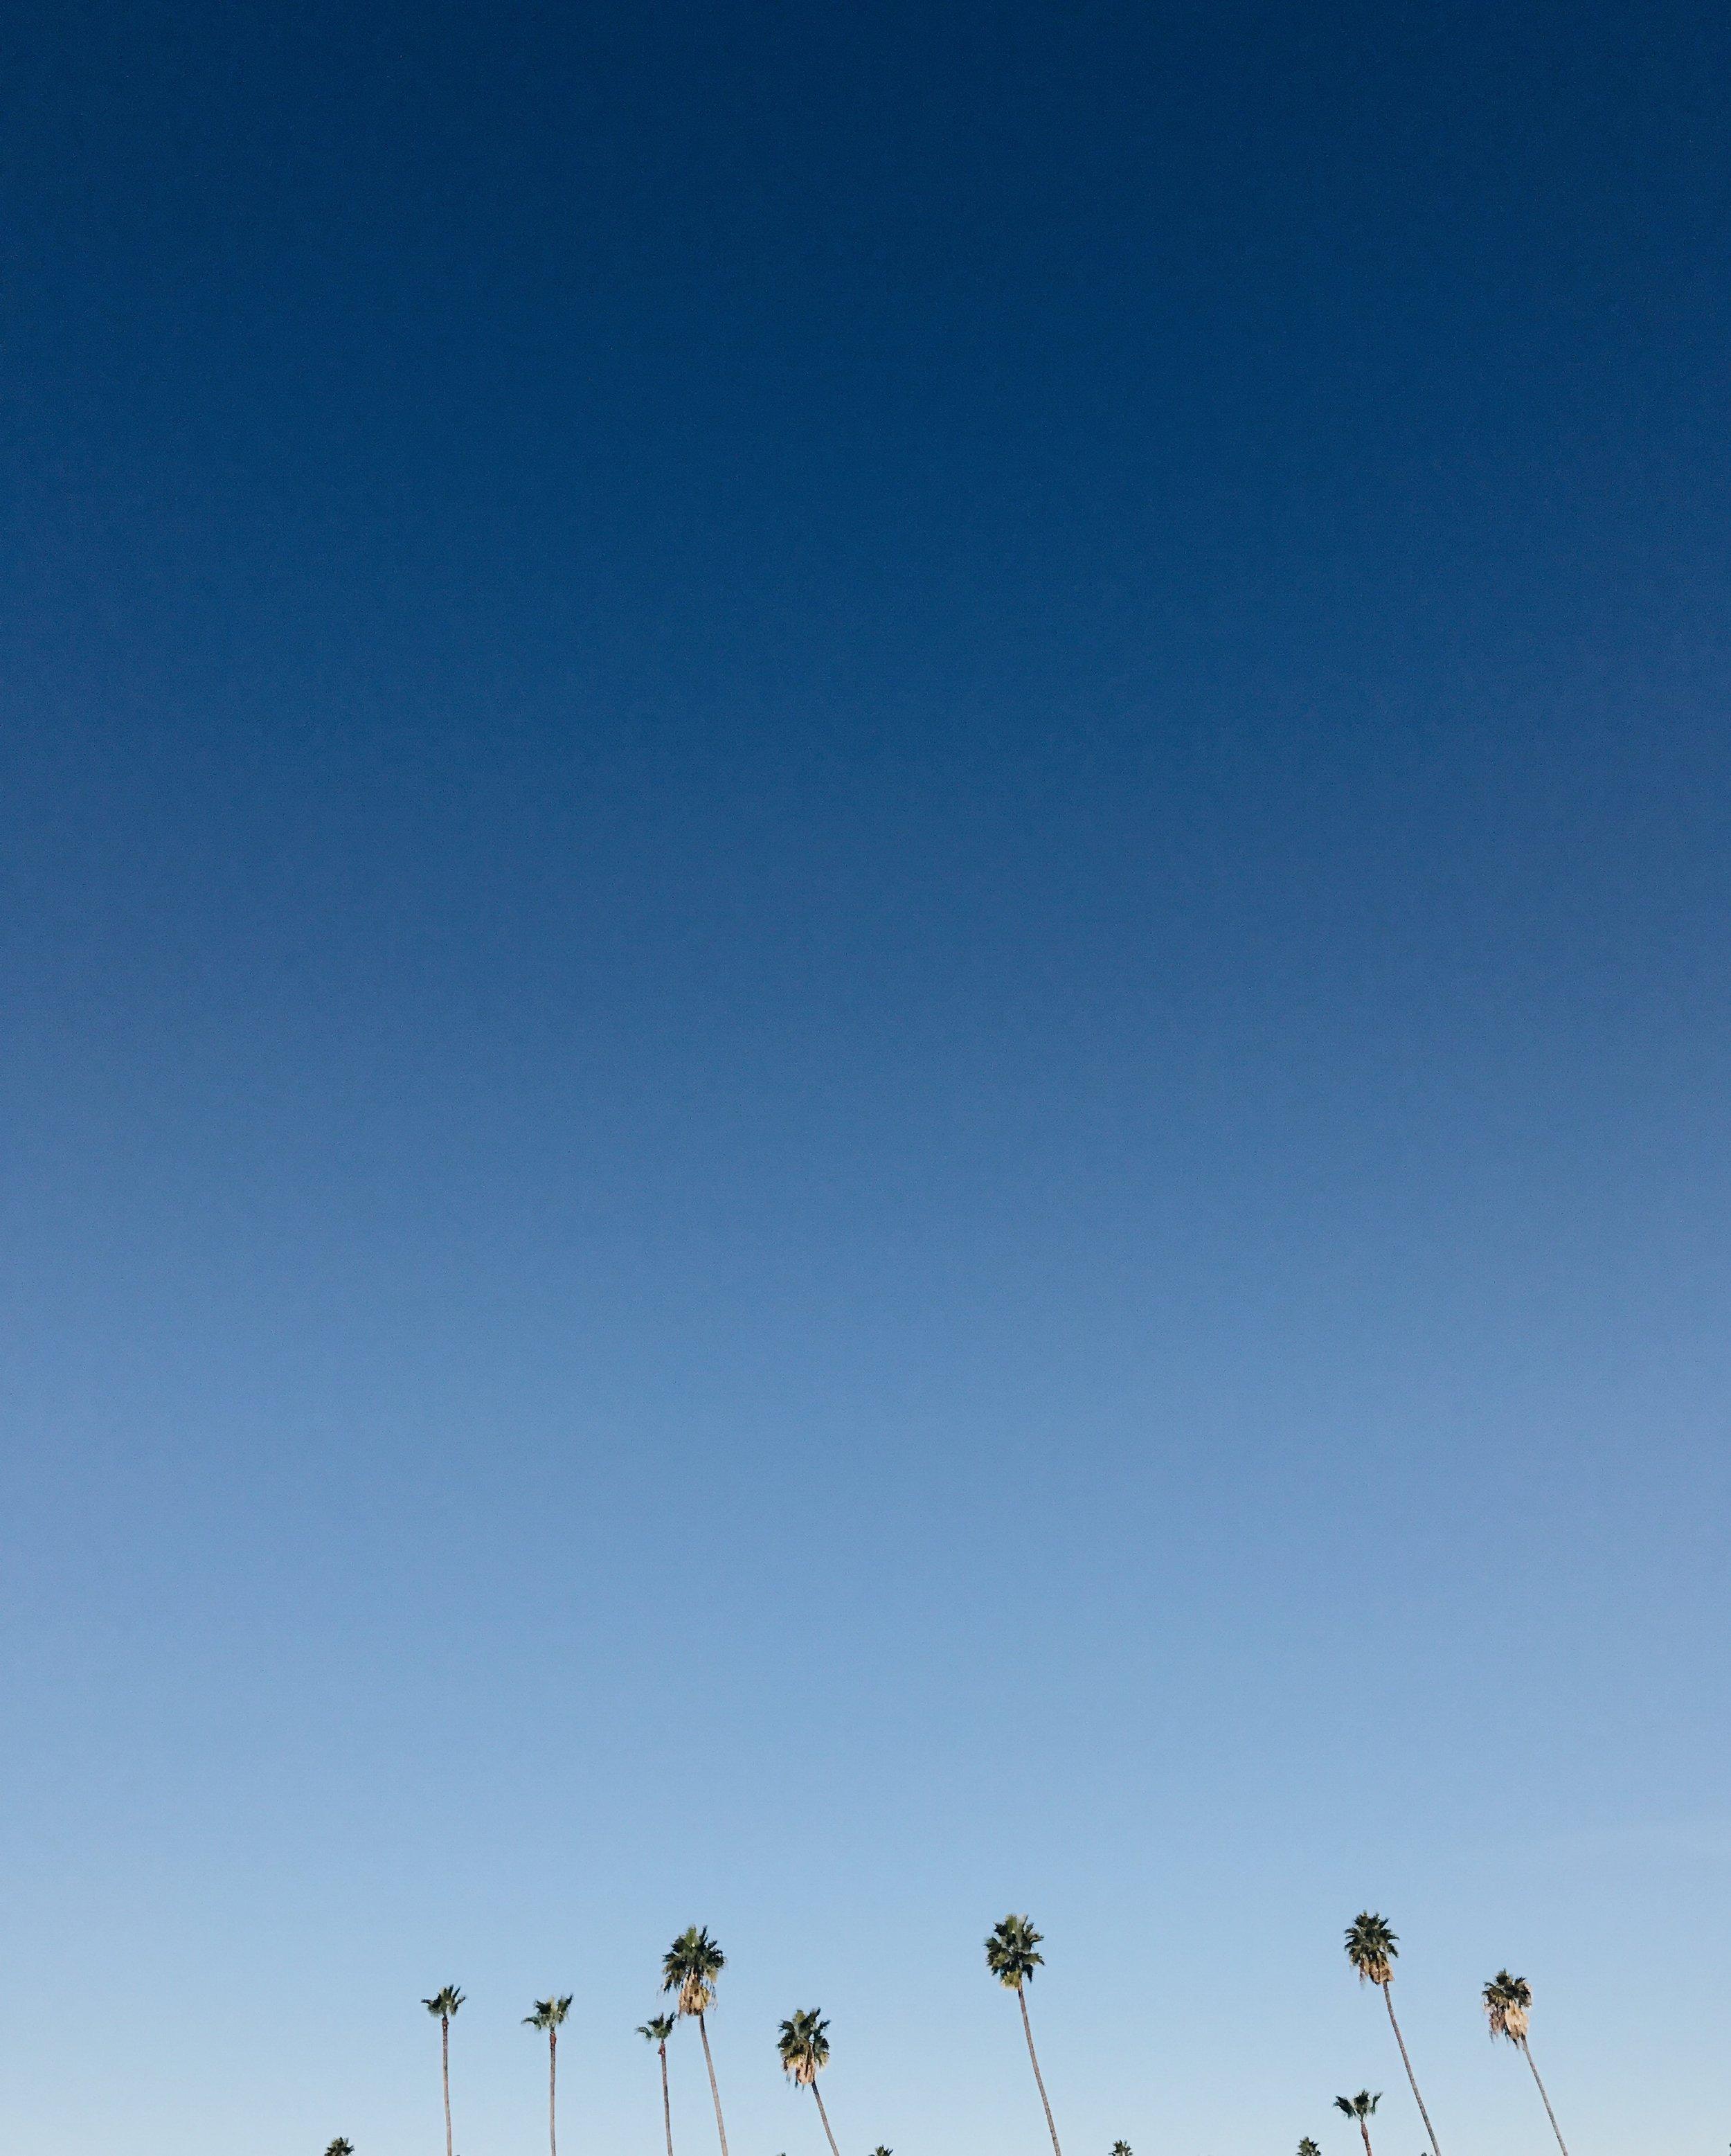 hotel_normandie_palmtrees_losangeles